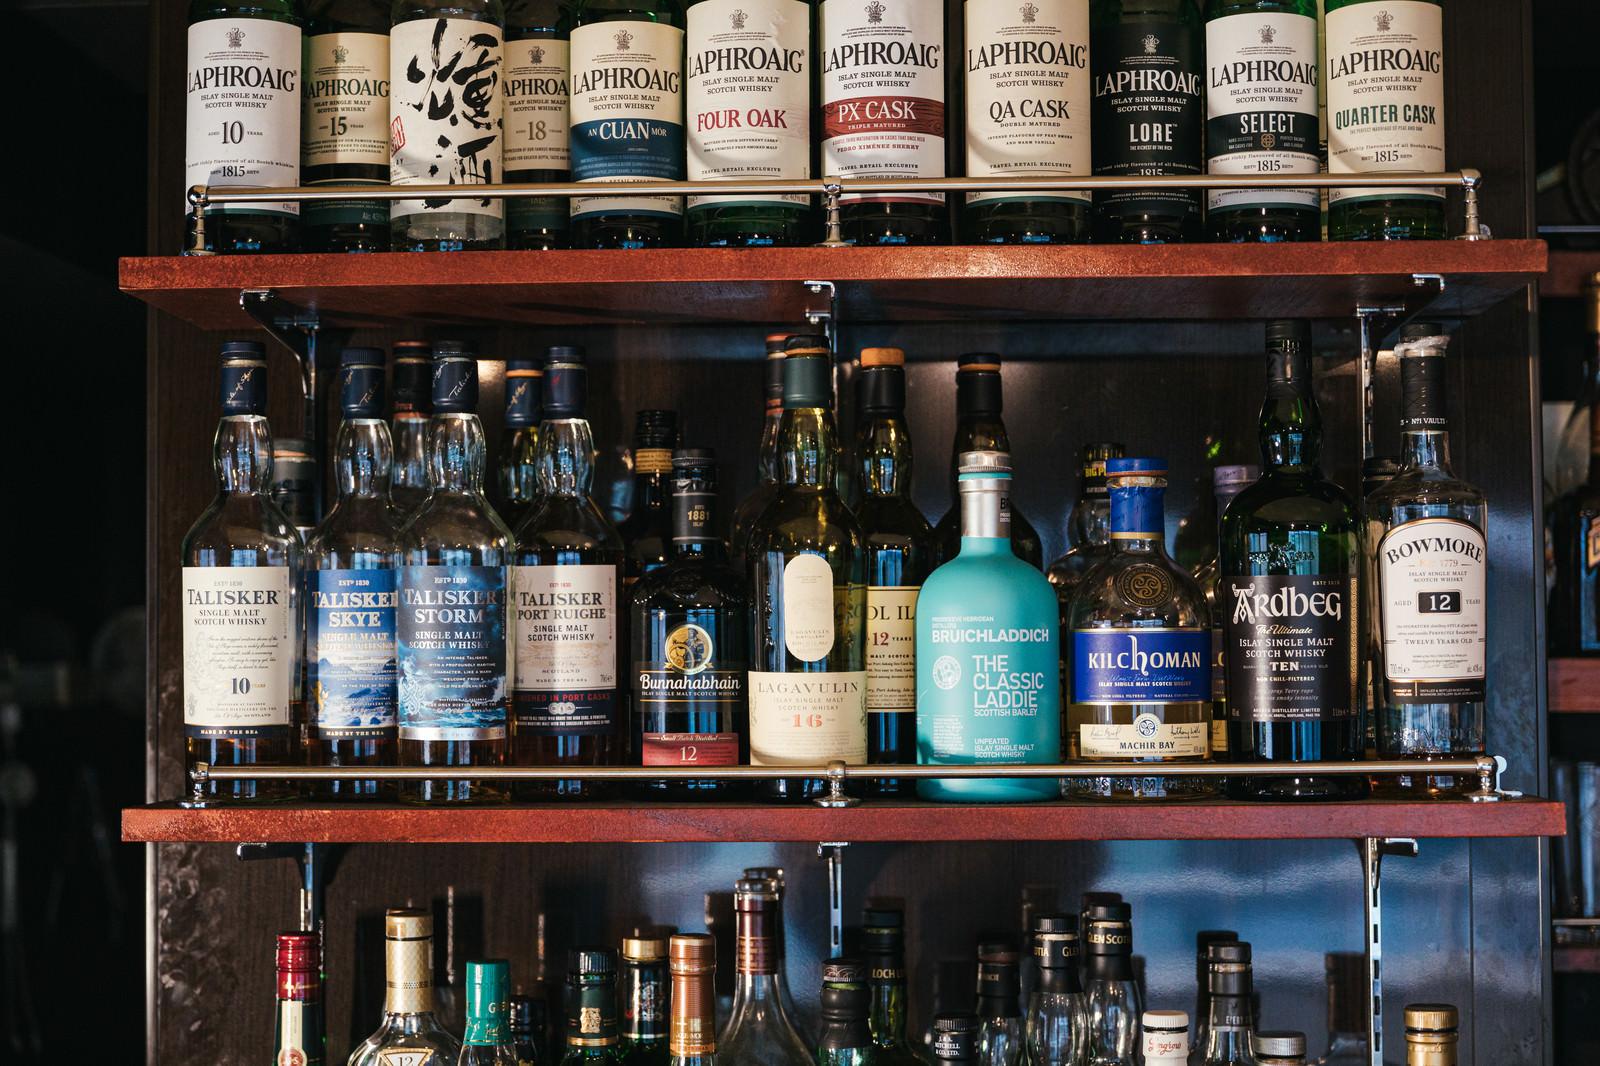 「シングルモルトウイスキーやスコッチウイスキーなどのアイラモルト勢揃いの酒棚」の写真